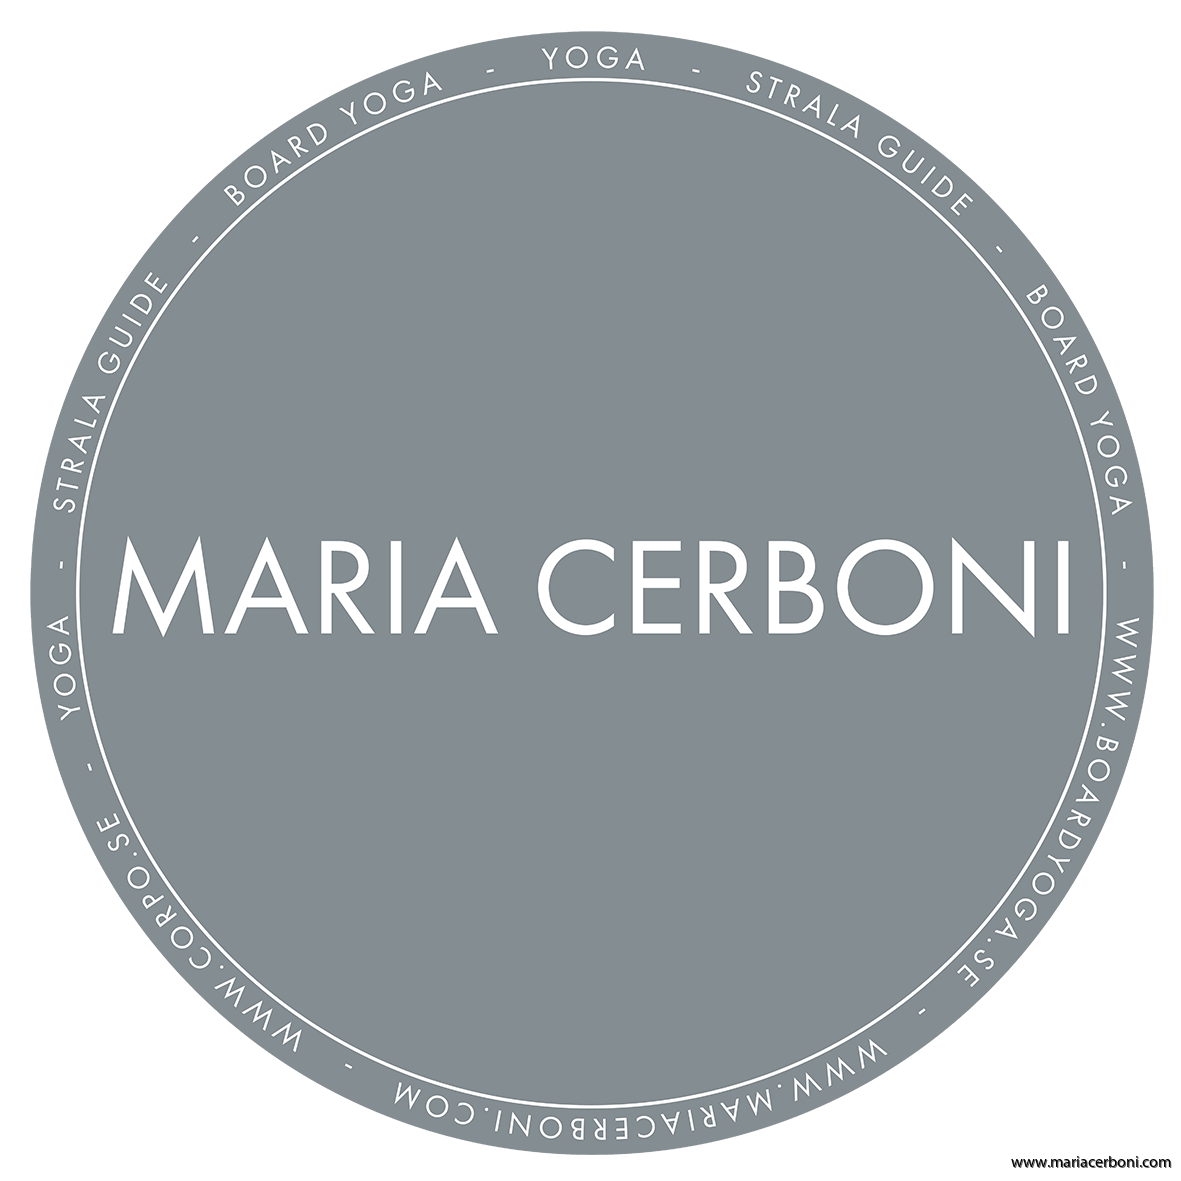 MARIA CERBONI _ A _ liten 2 VALD 2 MÖRKARE kopiera 2